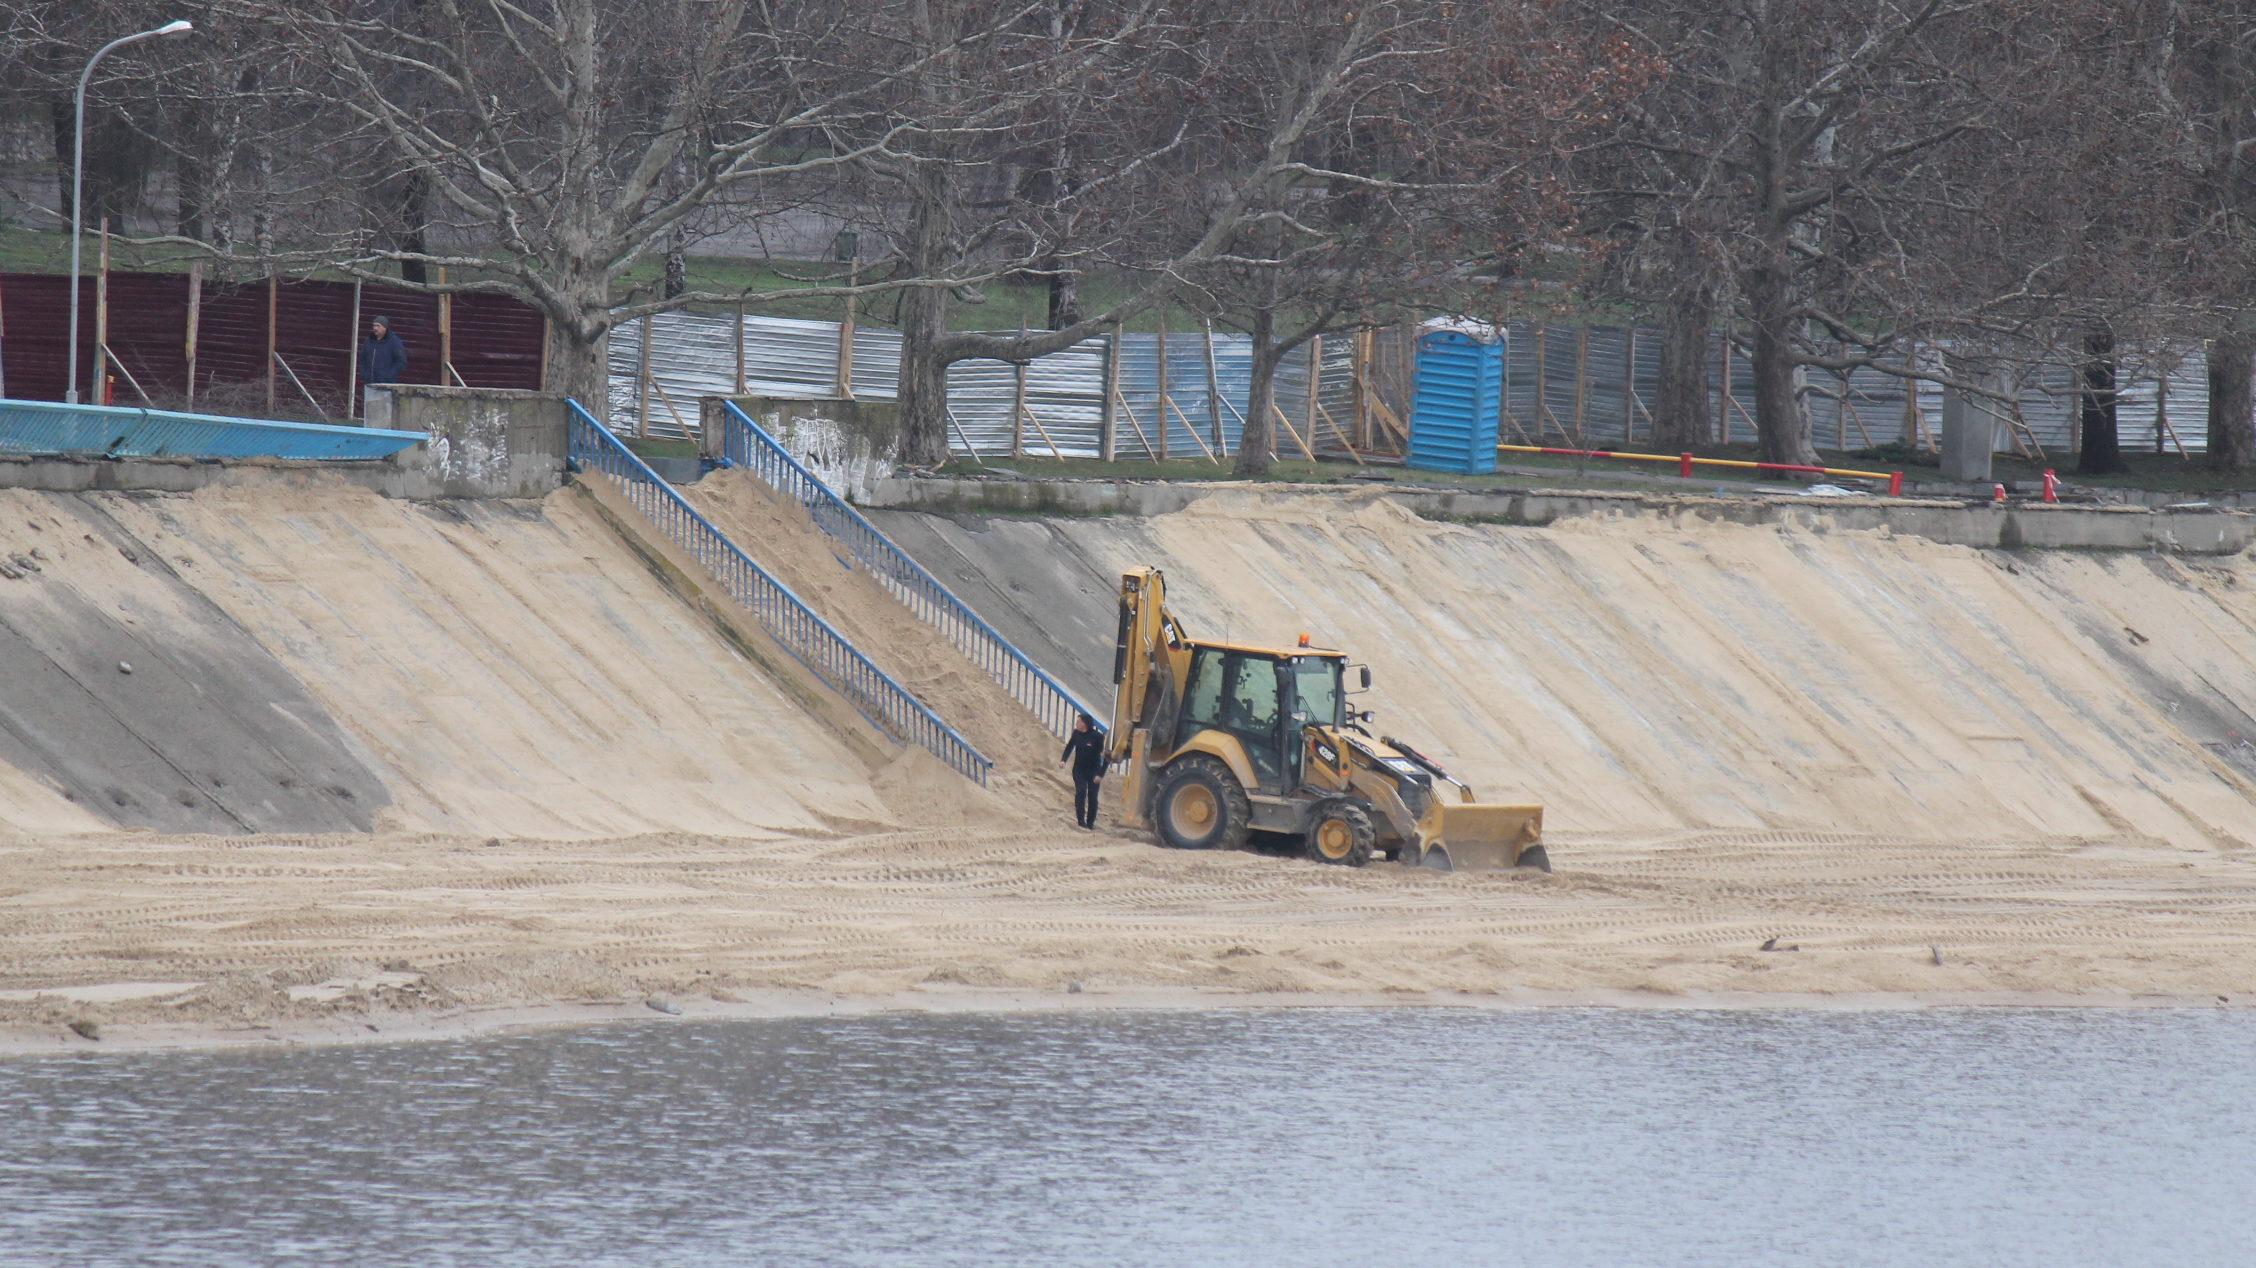 У Запоріжжі розпочалася реконструкція Правобережного пляжу за 40 мільйонів гривень, – ФОТОРЕПОРТАЖ